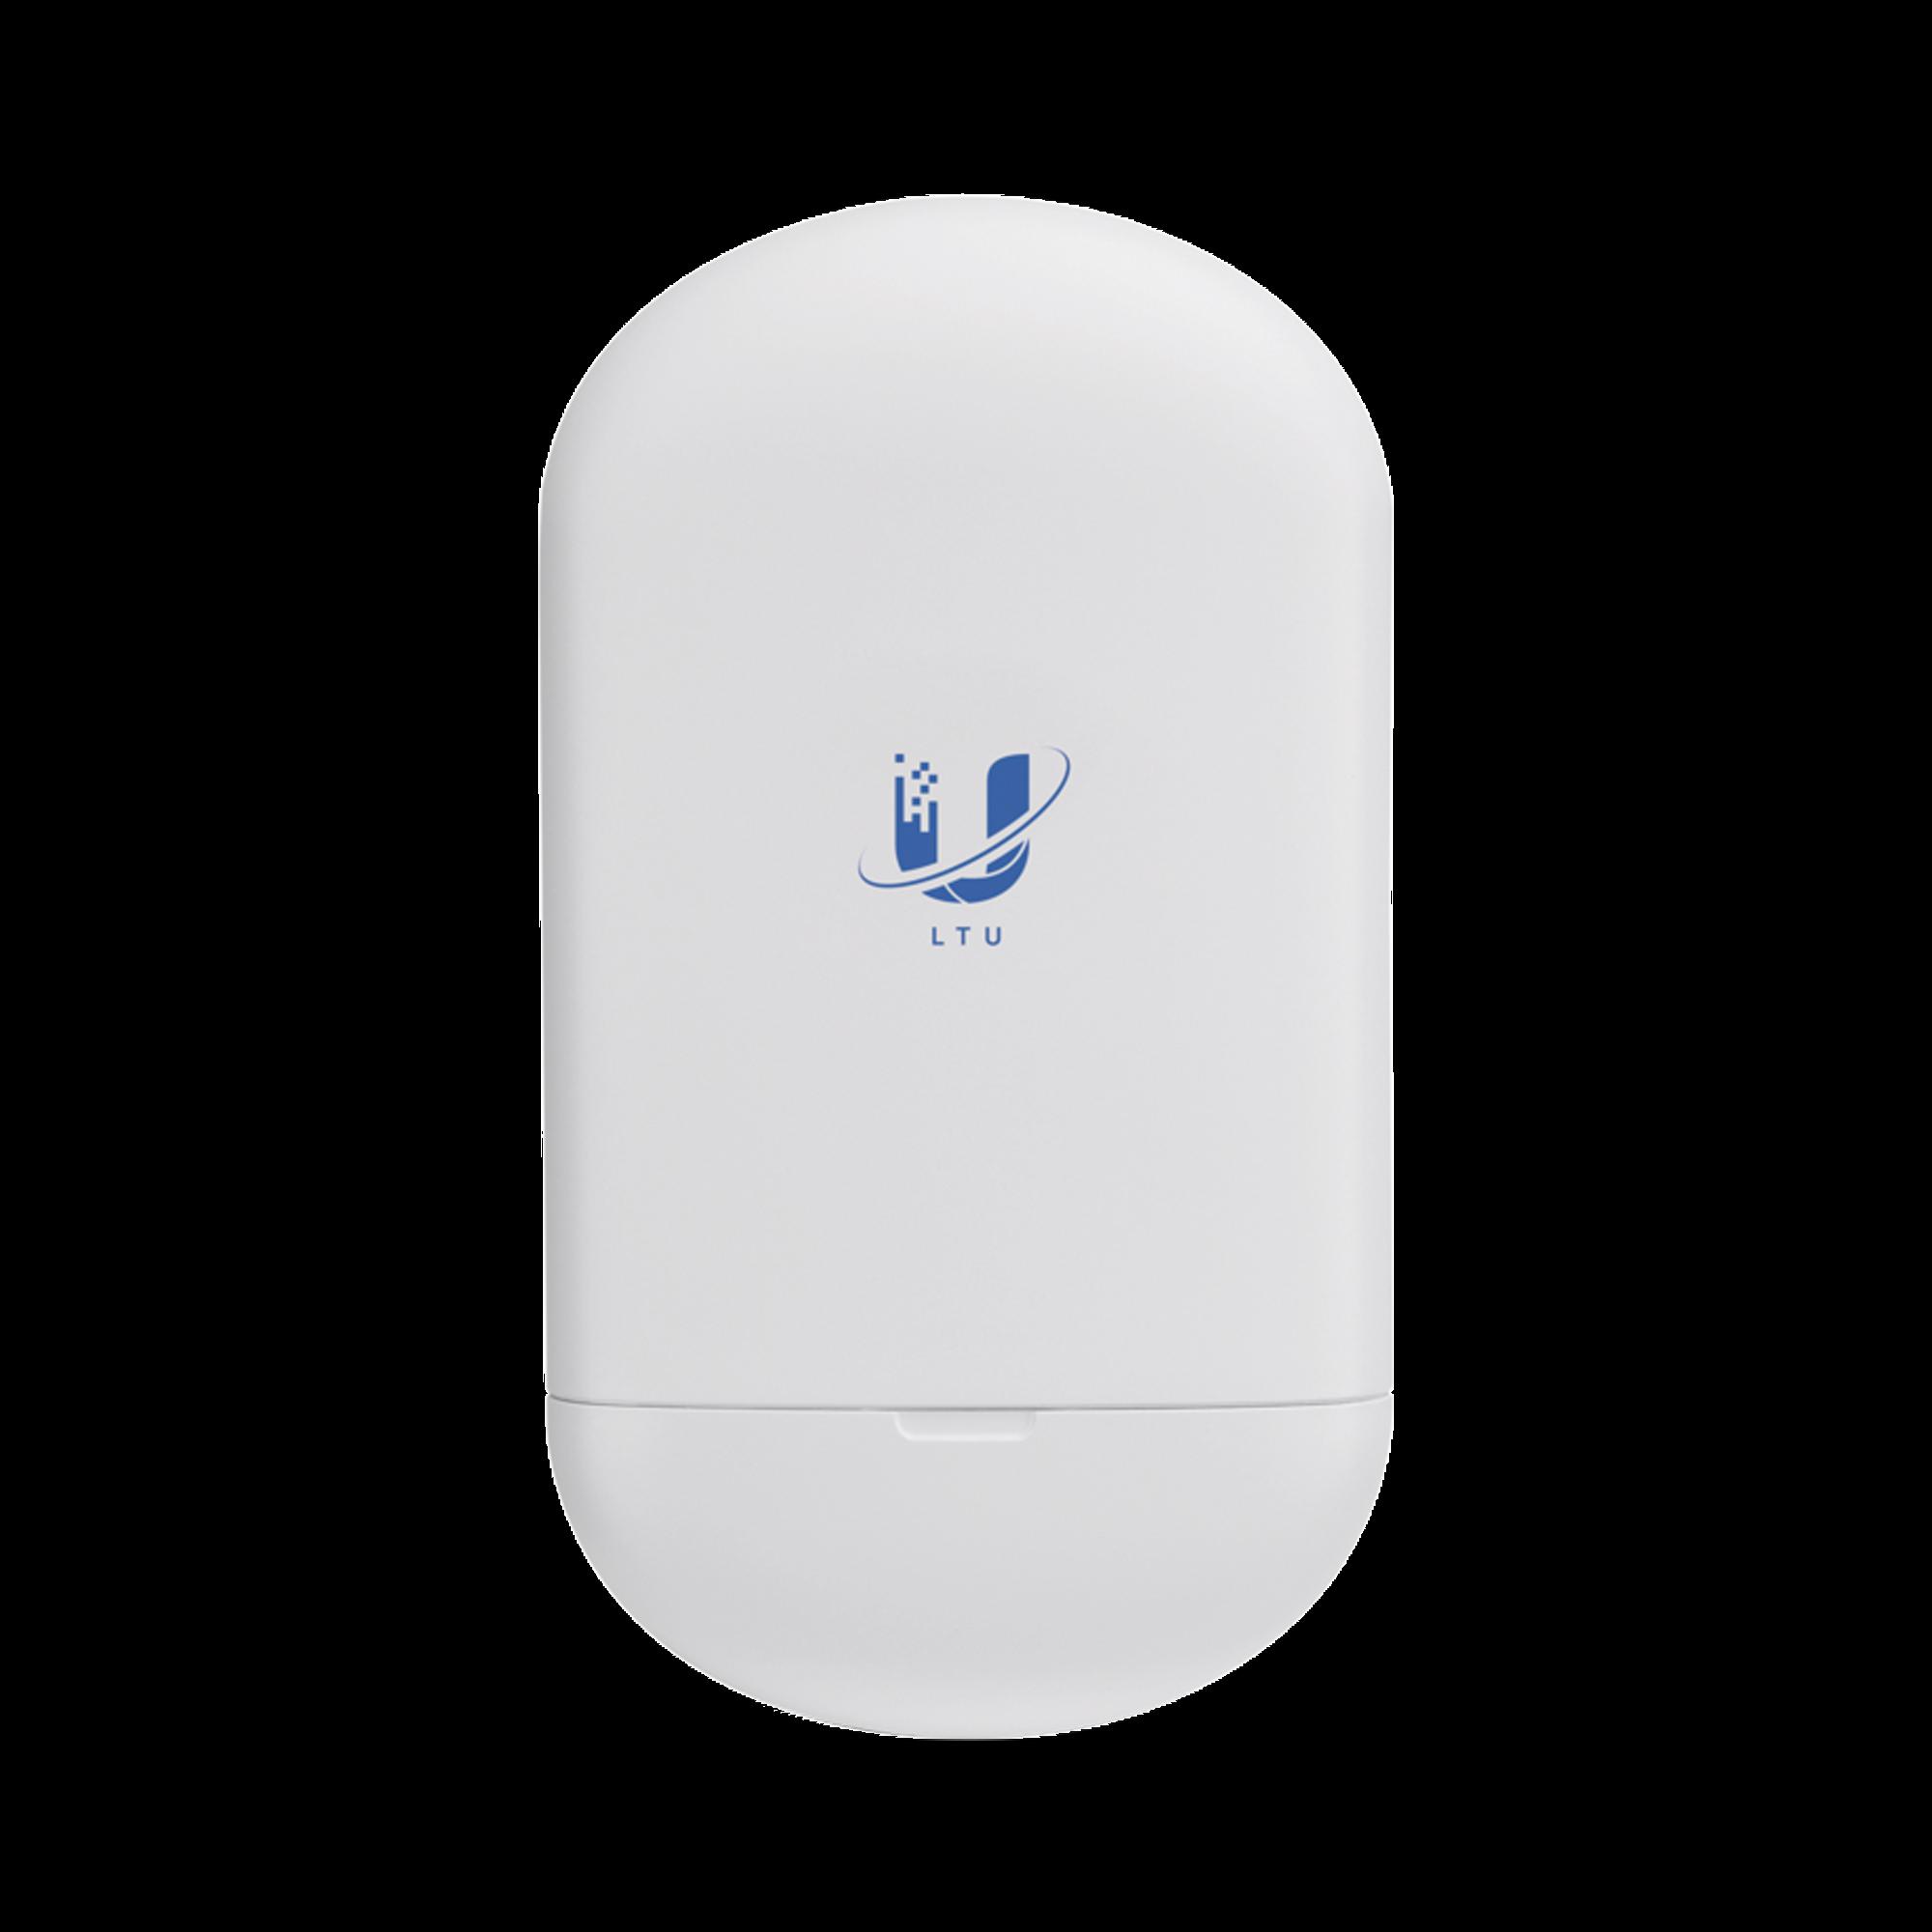 Cliente PtMP LTU? Lite, 5 GHz (4.8 - 6-2 GHz) con antena integrada de 13 dBi